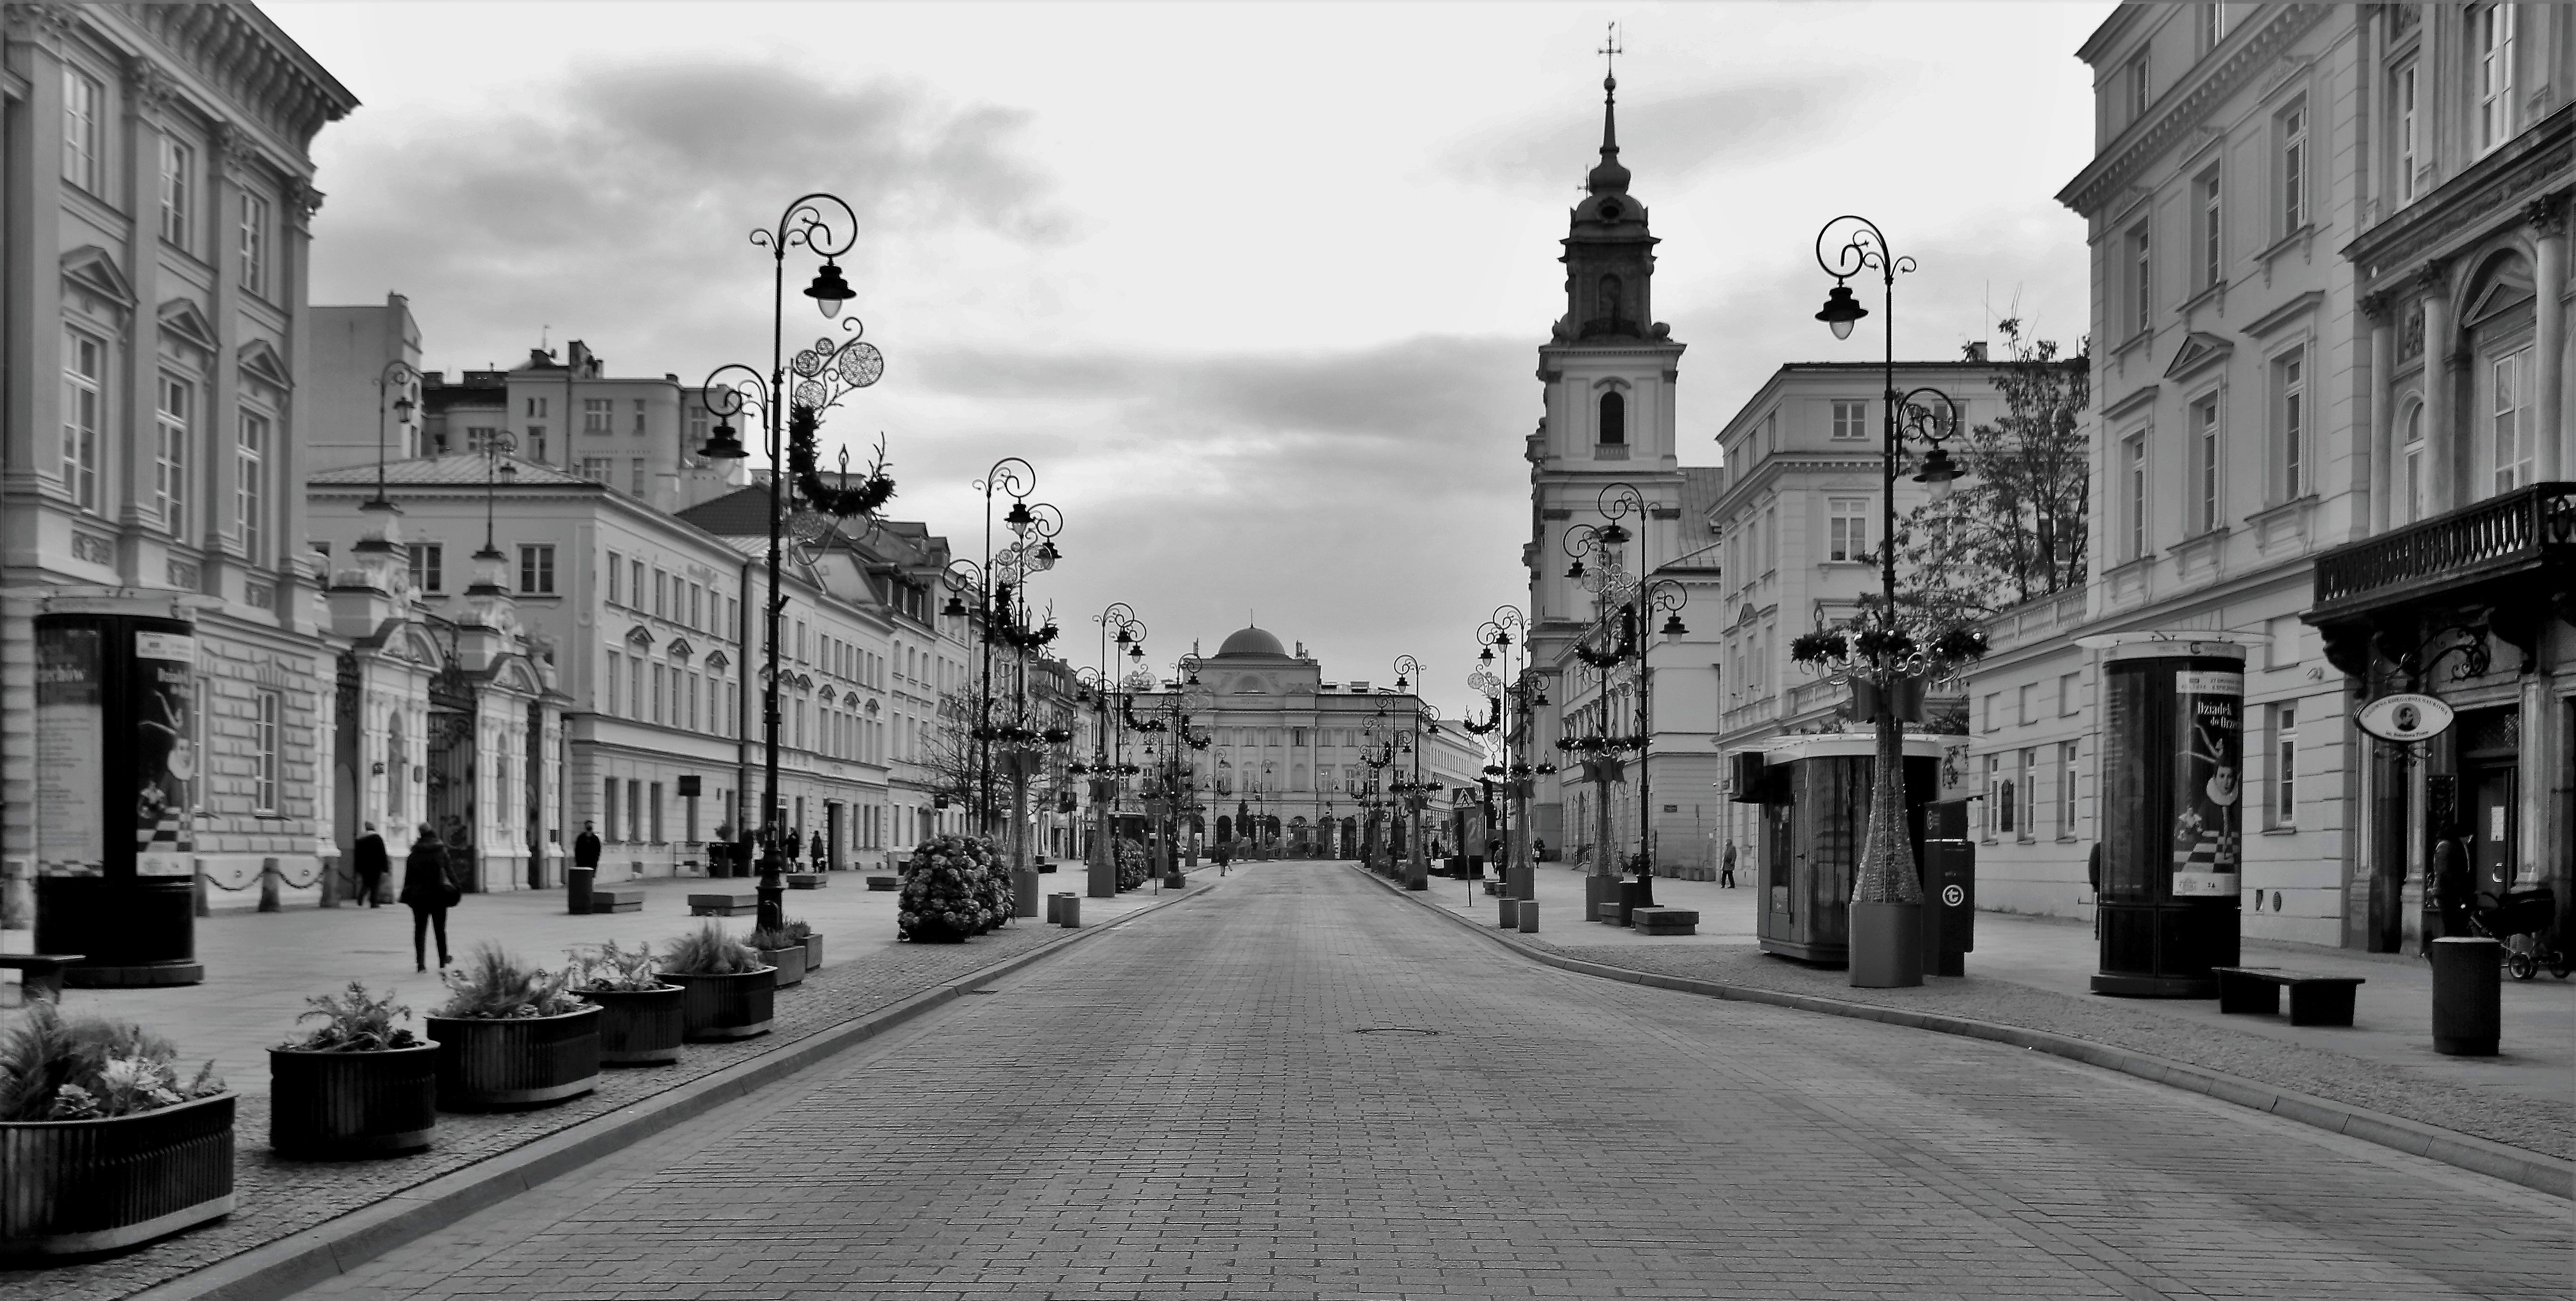 krakowskie przedmieście 2020 002